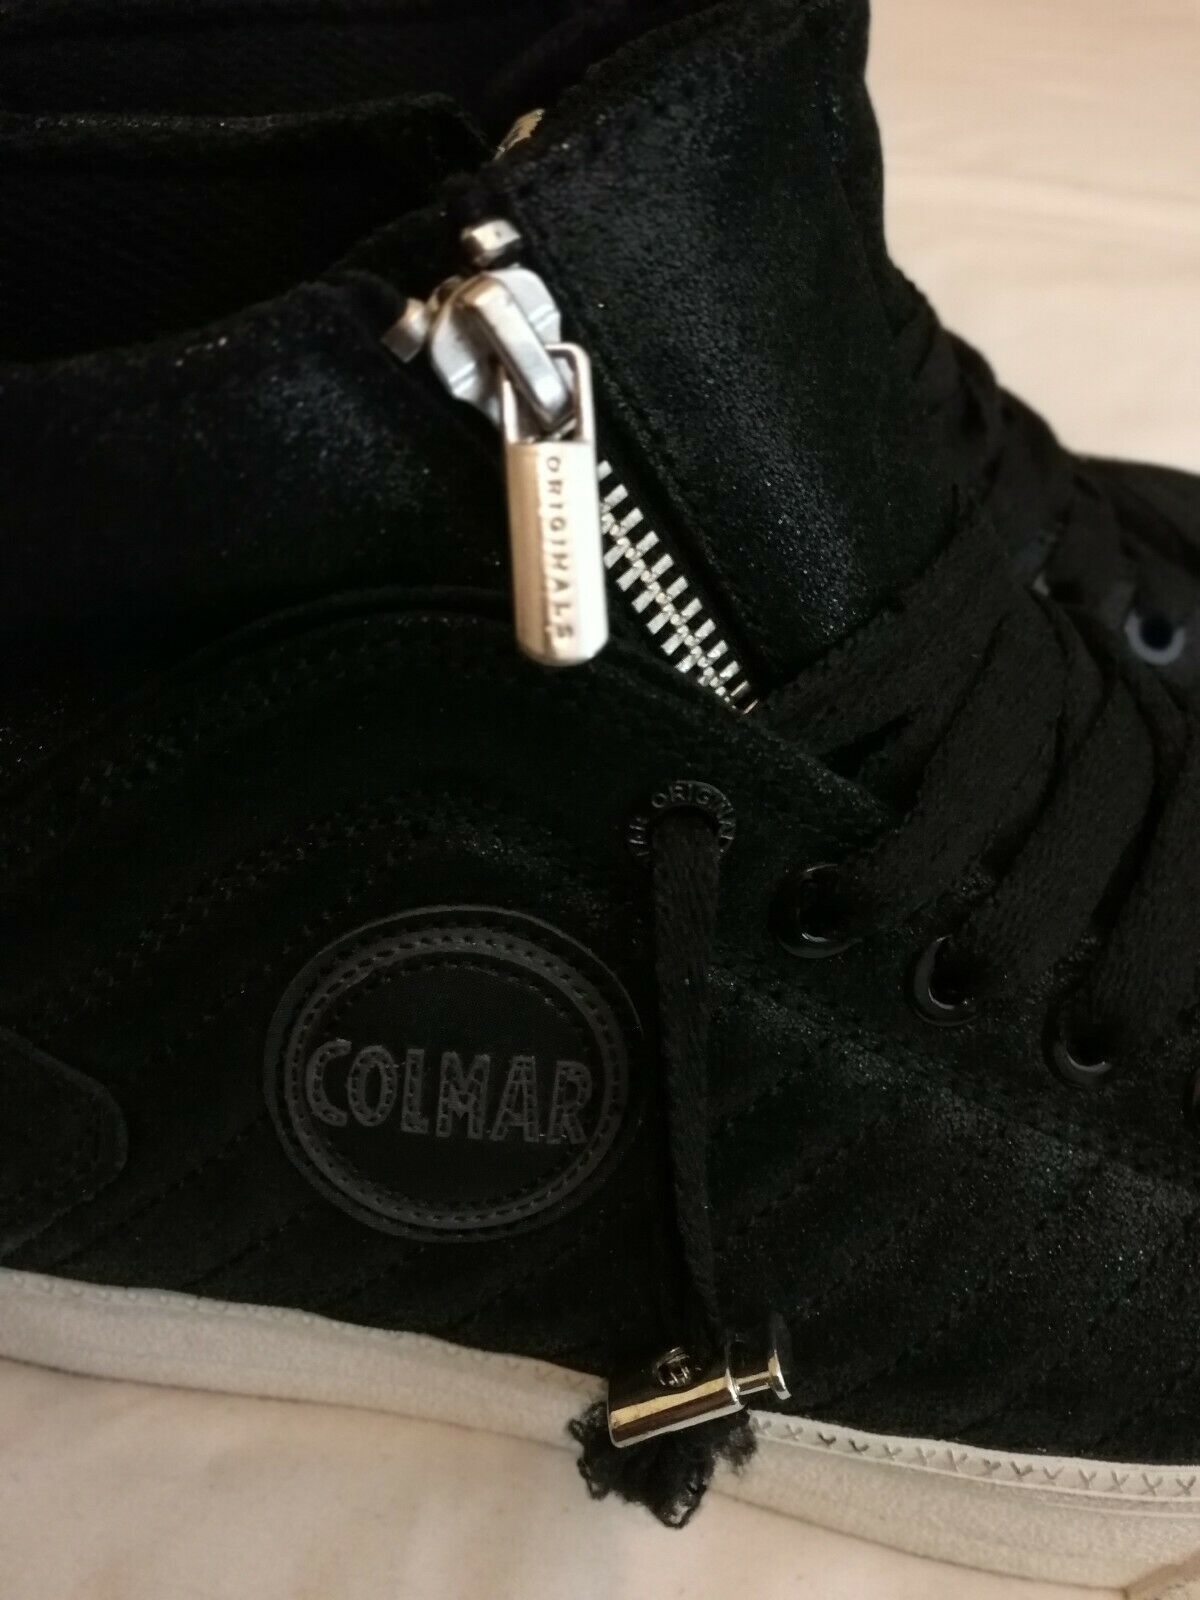 Colmar Durden Womens Leather Hi Hi Hi Top Sneakers Black Size uk 5.5eu 38.5 0e4d7d